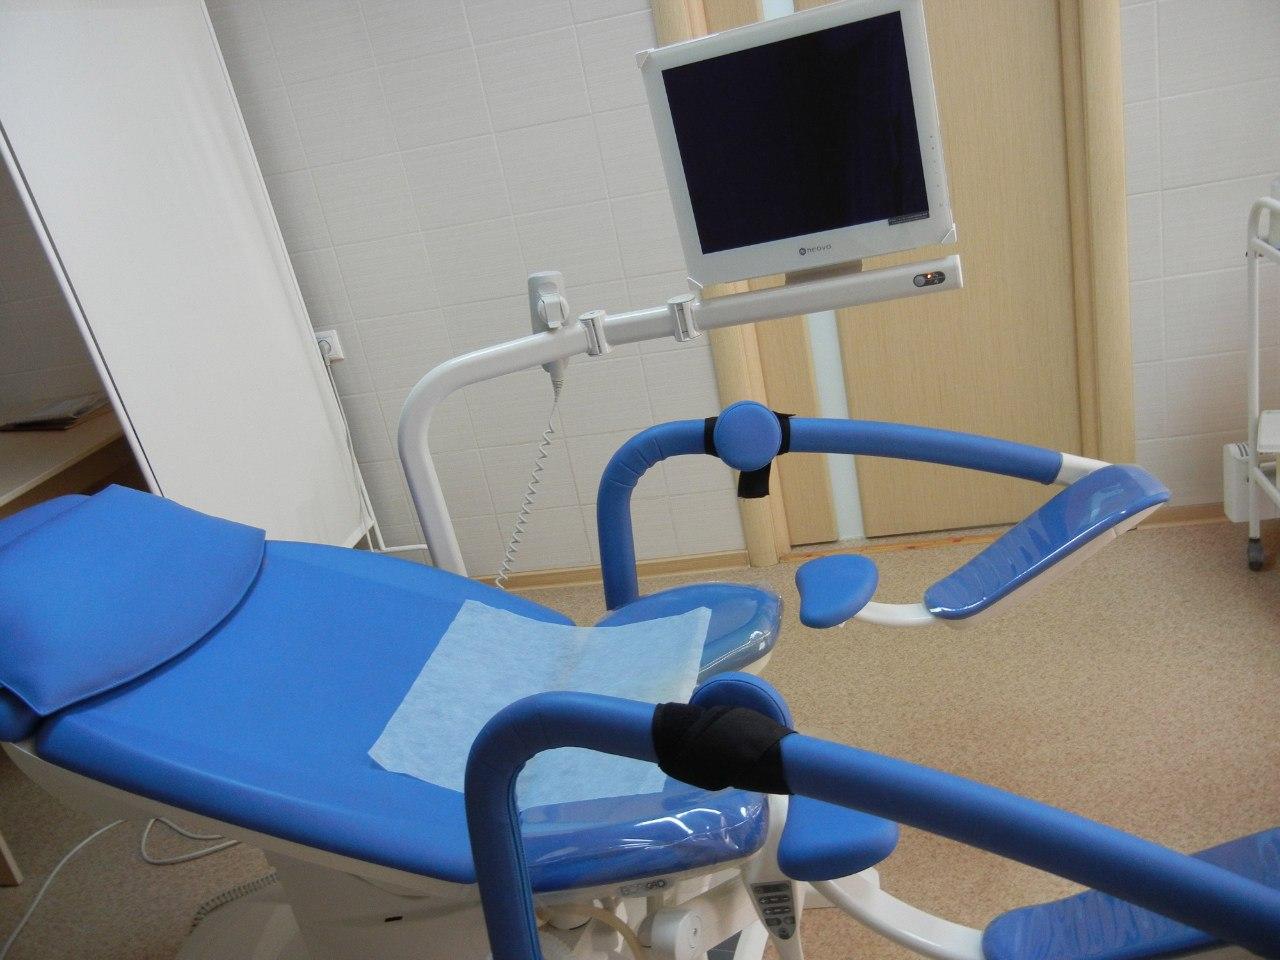 Клиника идк самара официальный сайт энтузиастов